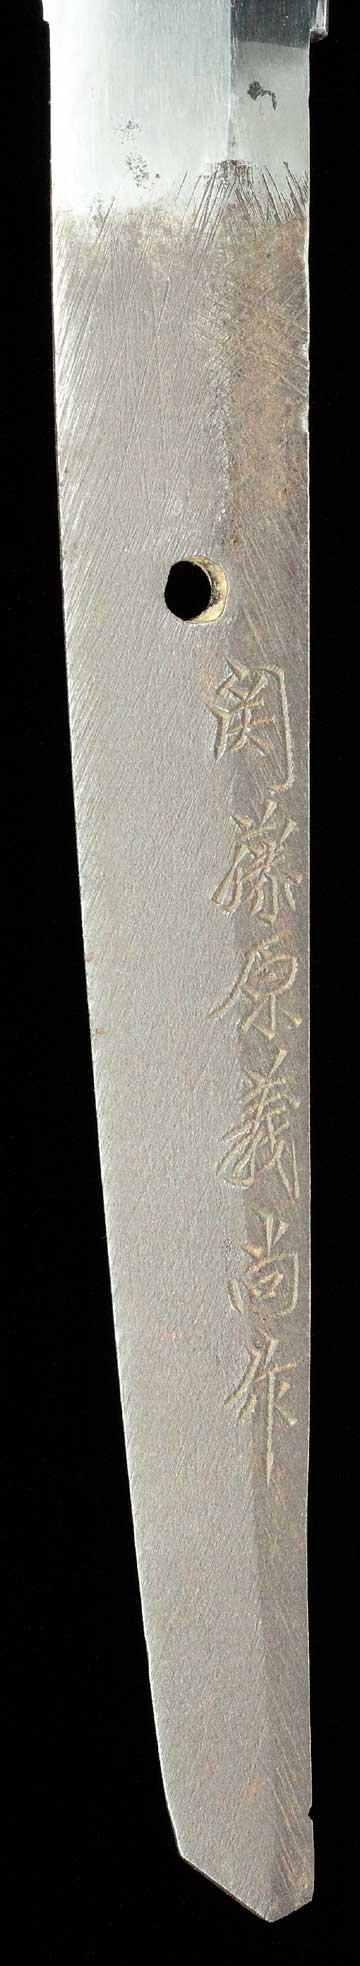 義尚刀の中心写真